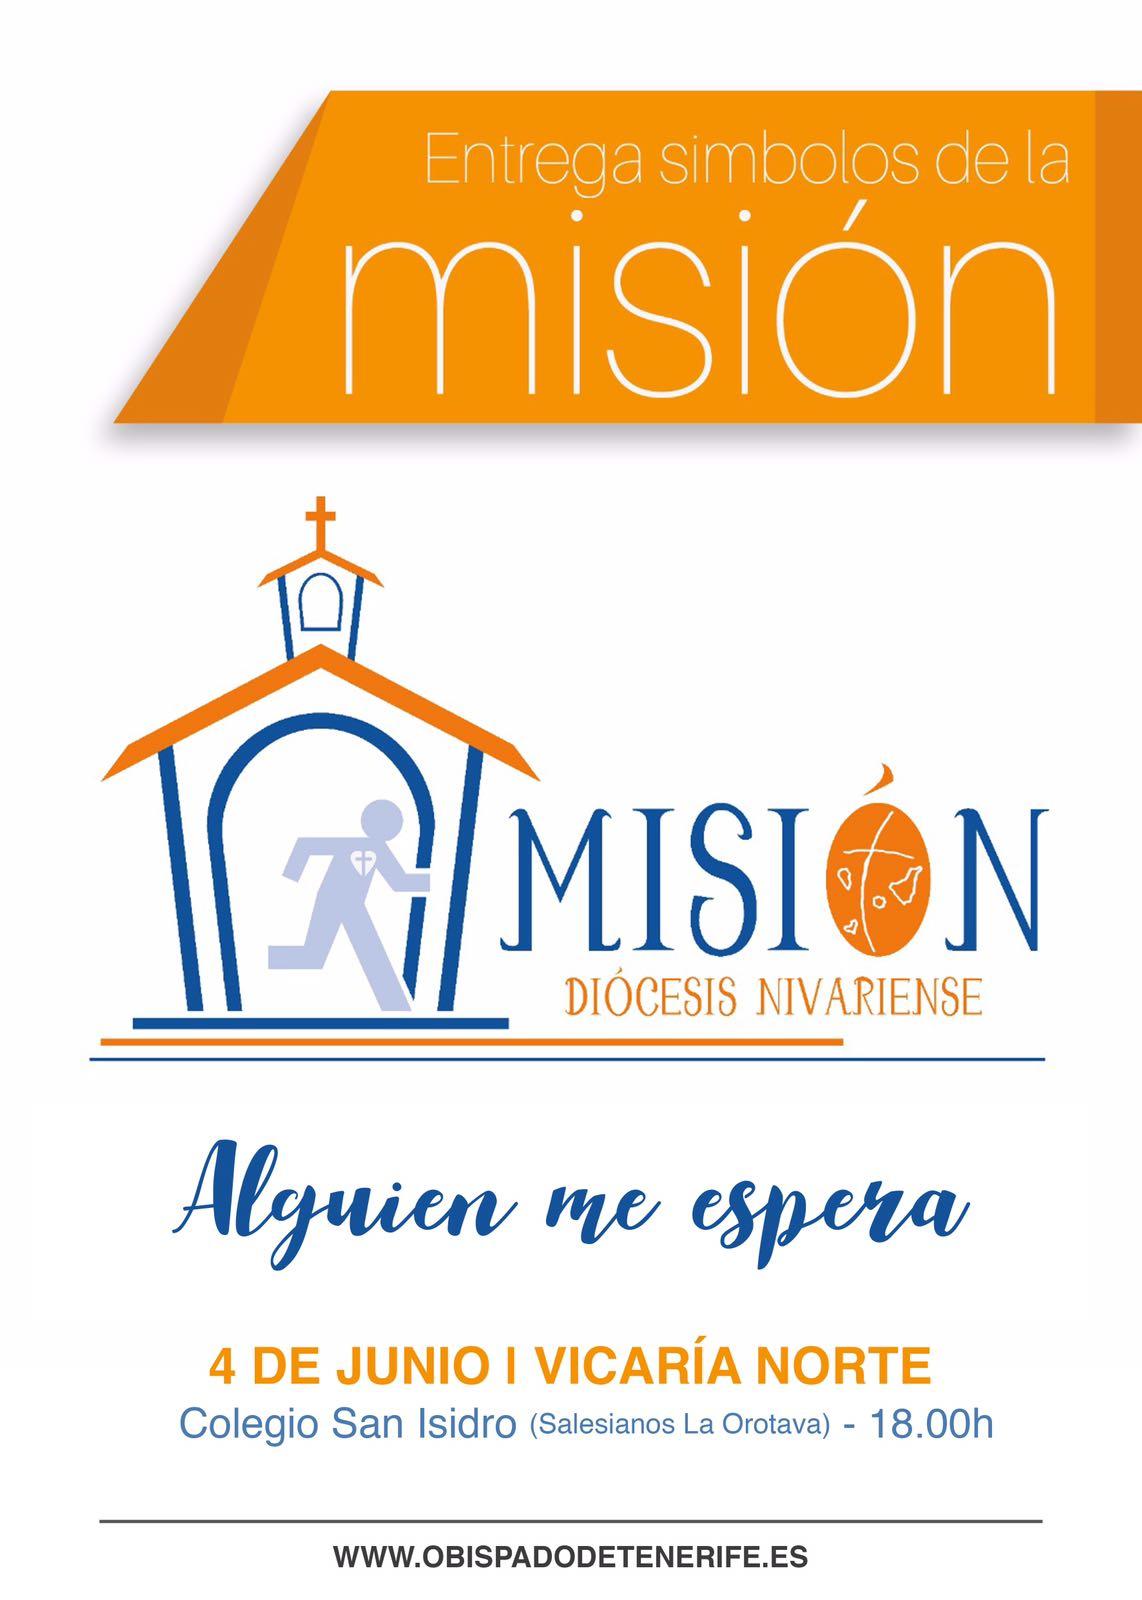 Celebración de Envío para la Misión